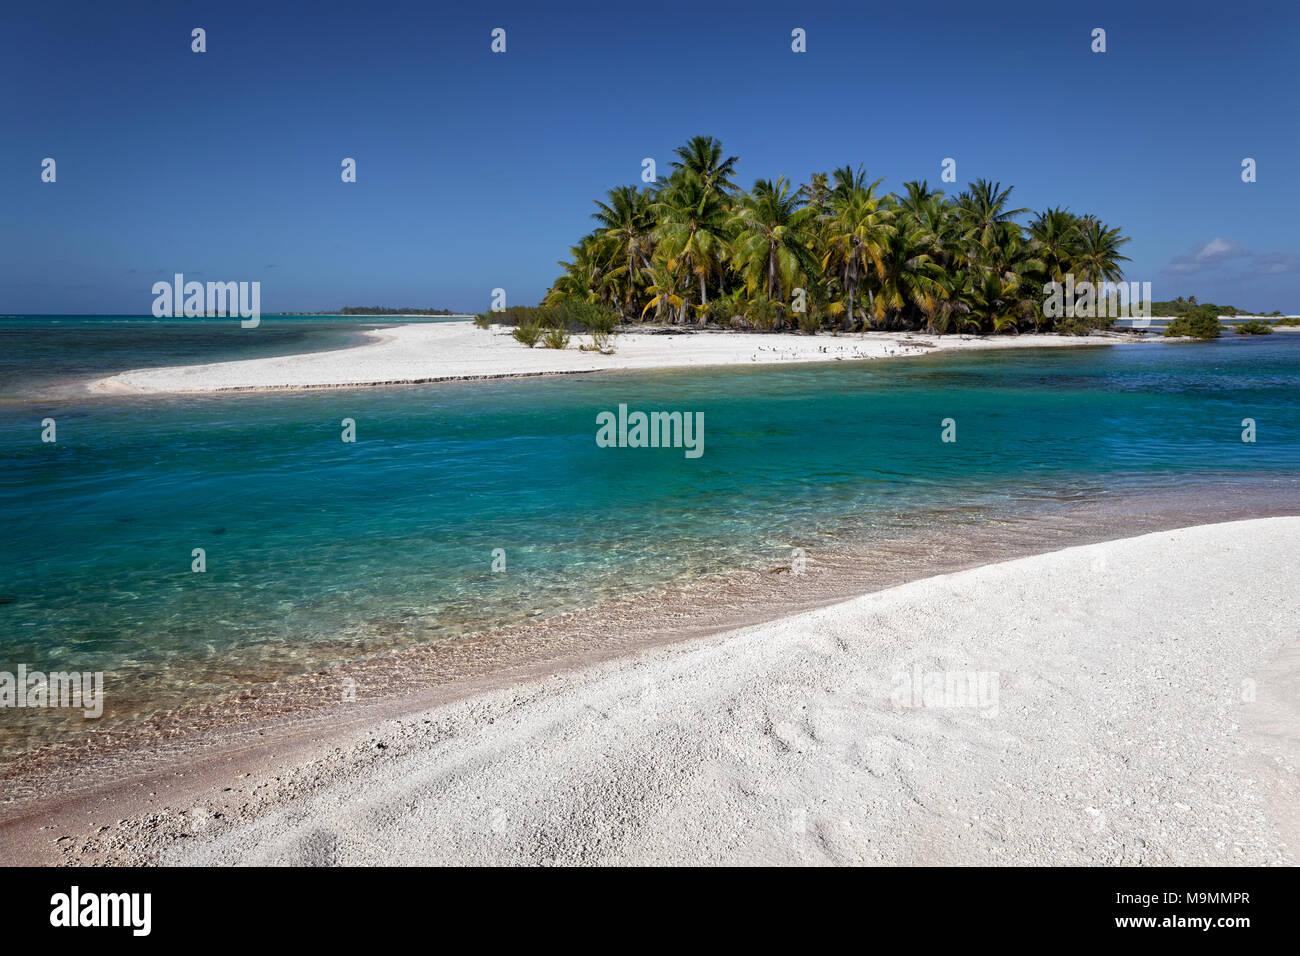 Einsame Insel, Strand mit Palmen, Tikehau Atoll, Tuamotu Archipel, Gesellschaftsinseln, Windward Islands, Französisch-Polynesien Stockfoto